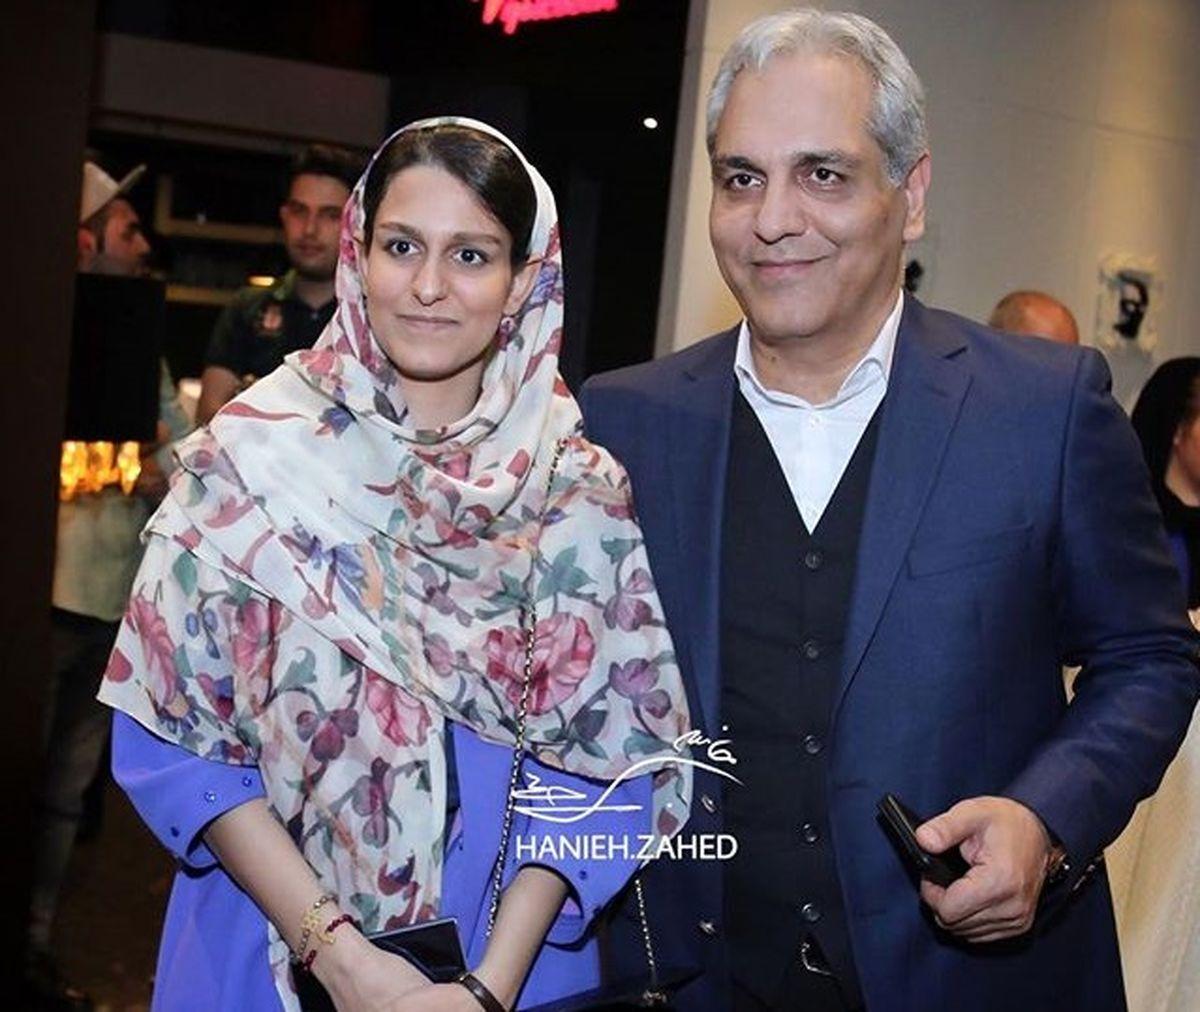 عکس مهران مدیری و فرزندانش با تیپ جنجالی/ این زن همسر مهران مدیری است؟ + عکس